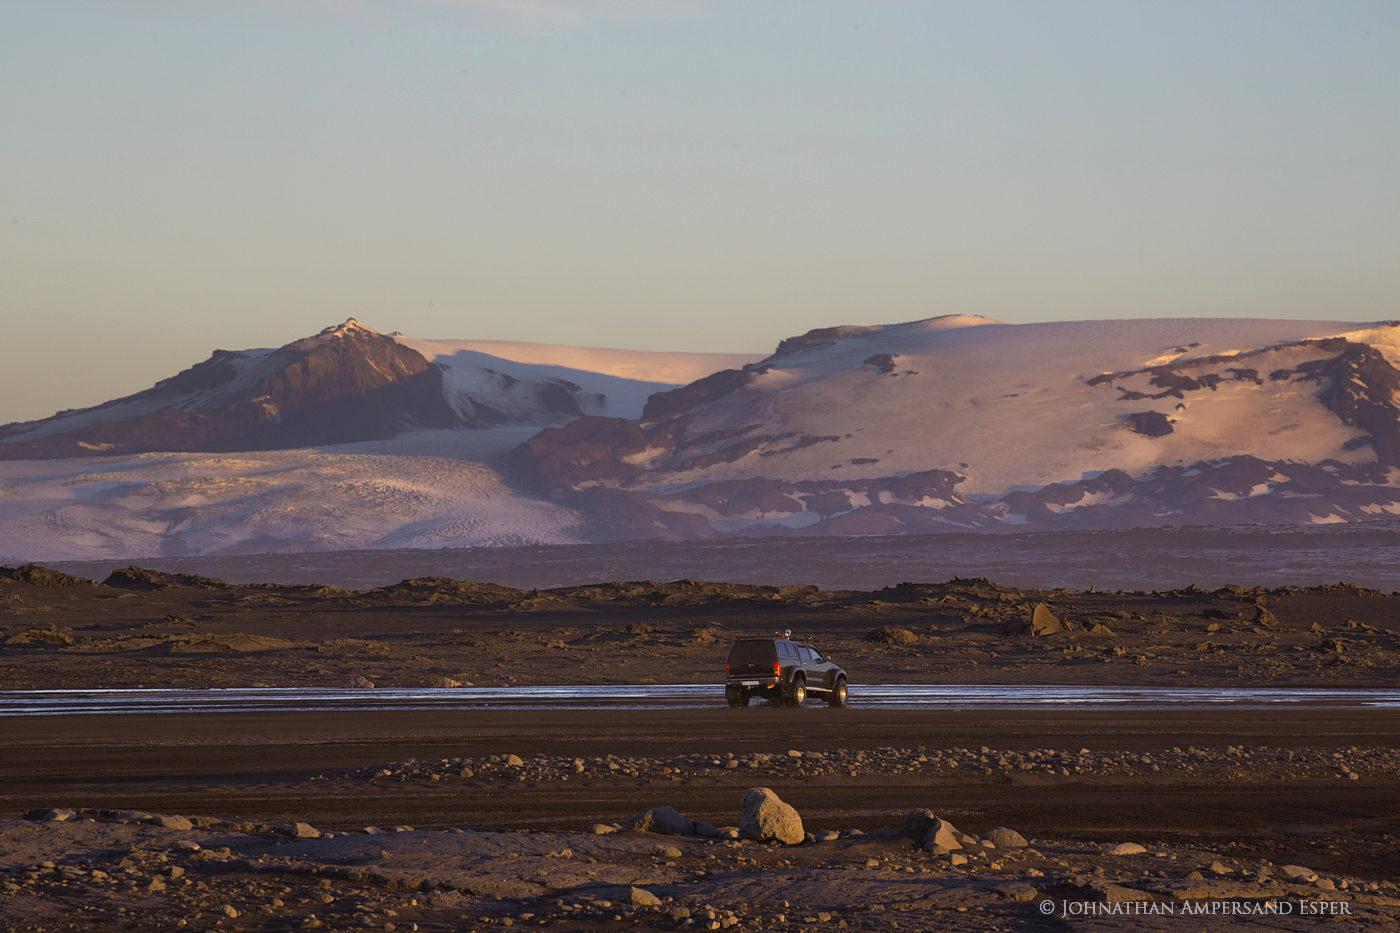 2014, Baugur, Bárðarbunga, Holuhraun, Iceland, Jökulsá á Fjöllum, Kverkfjöll, crater, erupting, eruption, flow, lava, superjeep, photo